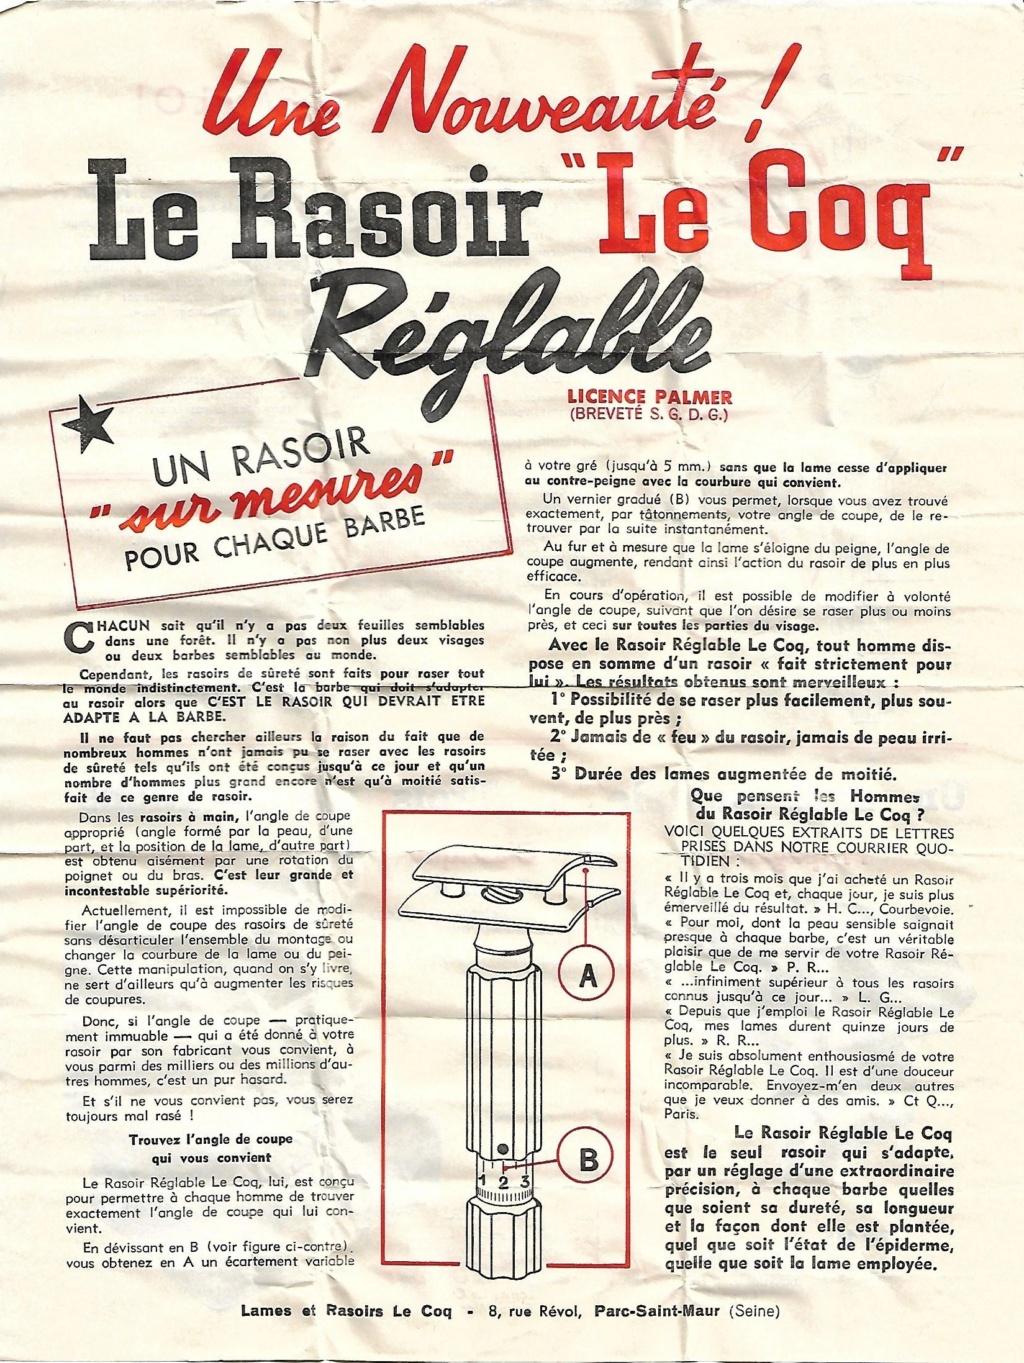 Le Coq réglable licence Palmer (années 1930-1950 ?) - Page 5 Le_coq10